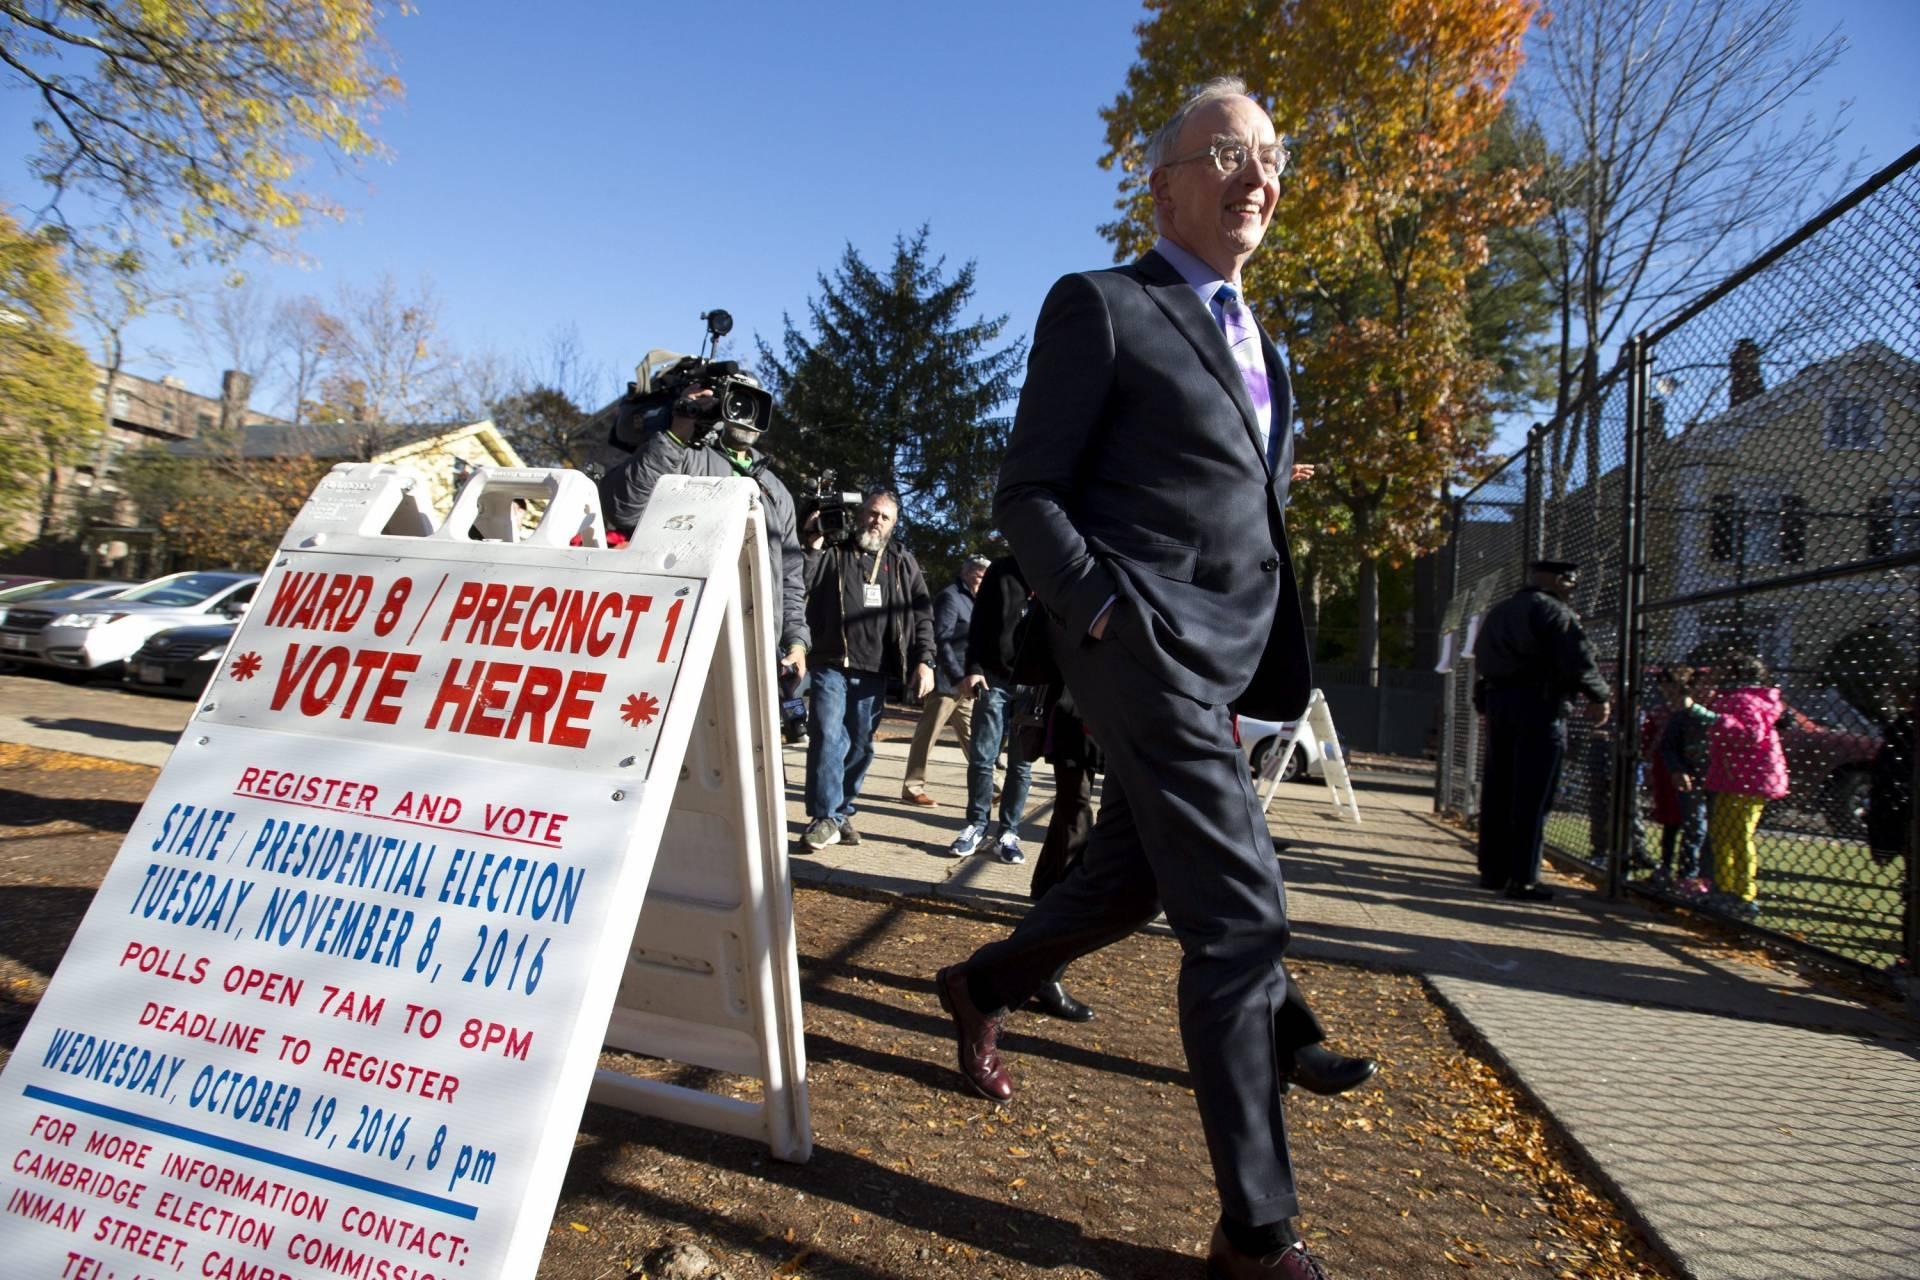 Bruce Mann, profesor de la Universidad Harvard Law School y marido de la senadora de Massachusetts, Elizabeth Warren, acude a votar. EFE